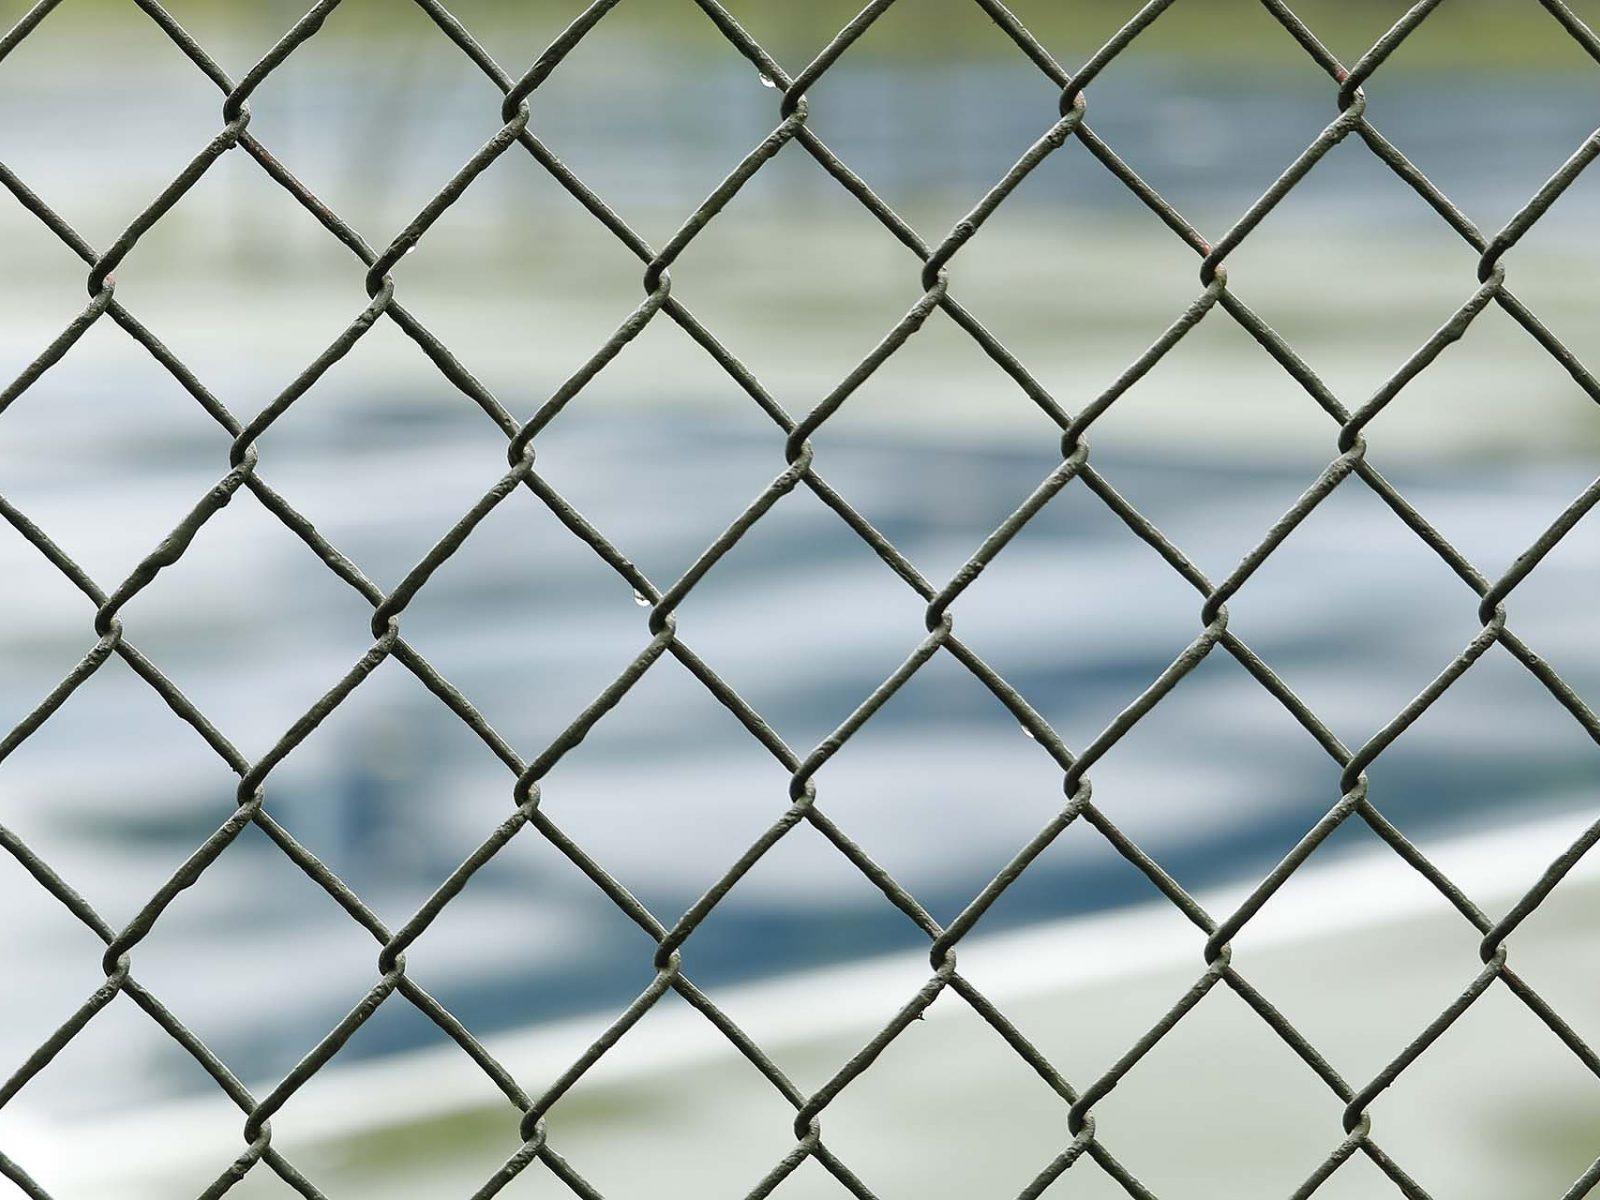 Appello per Regolarizzazione Migranti